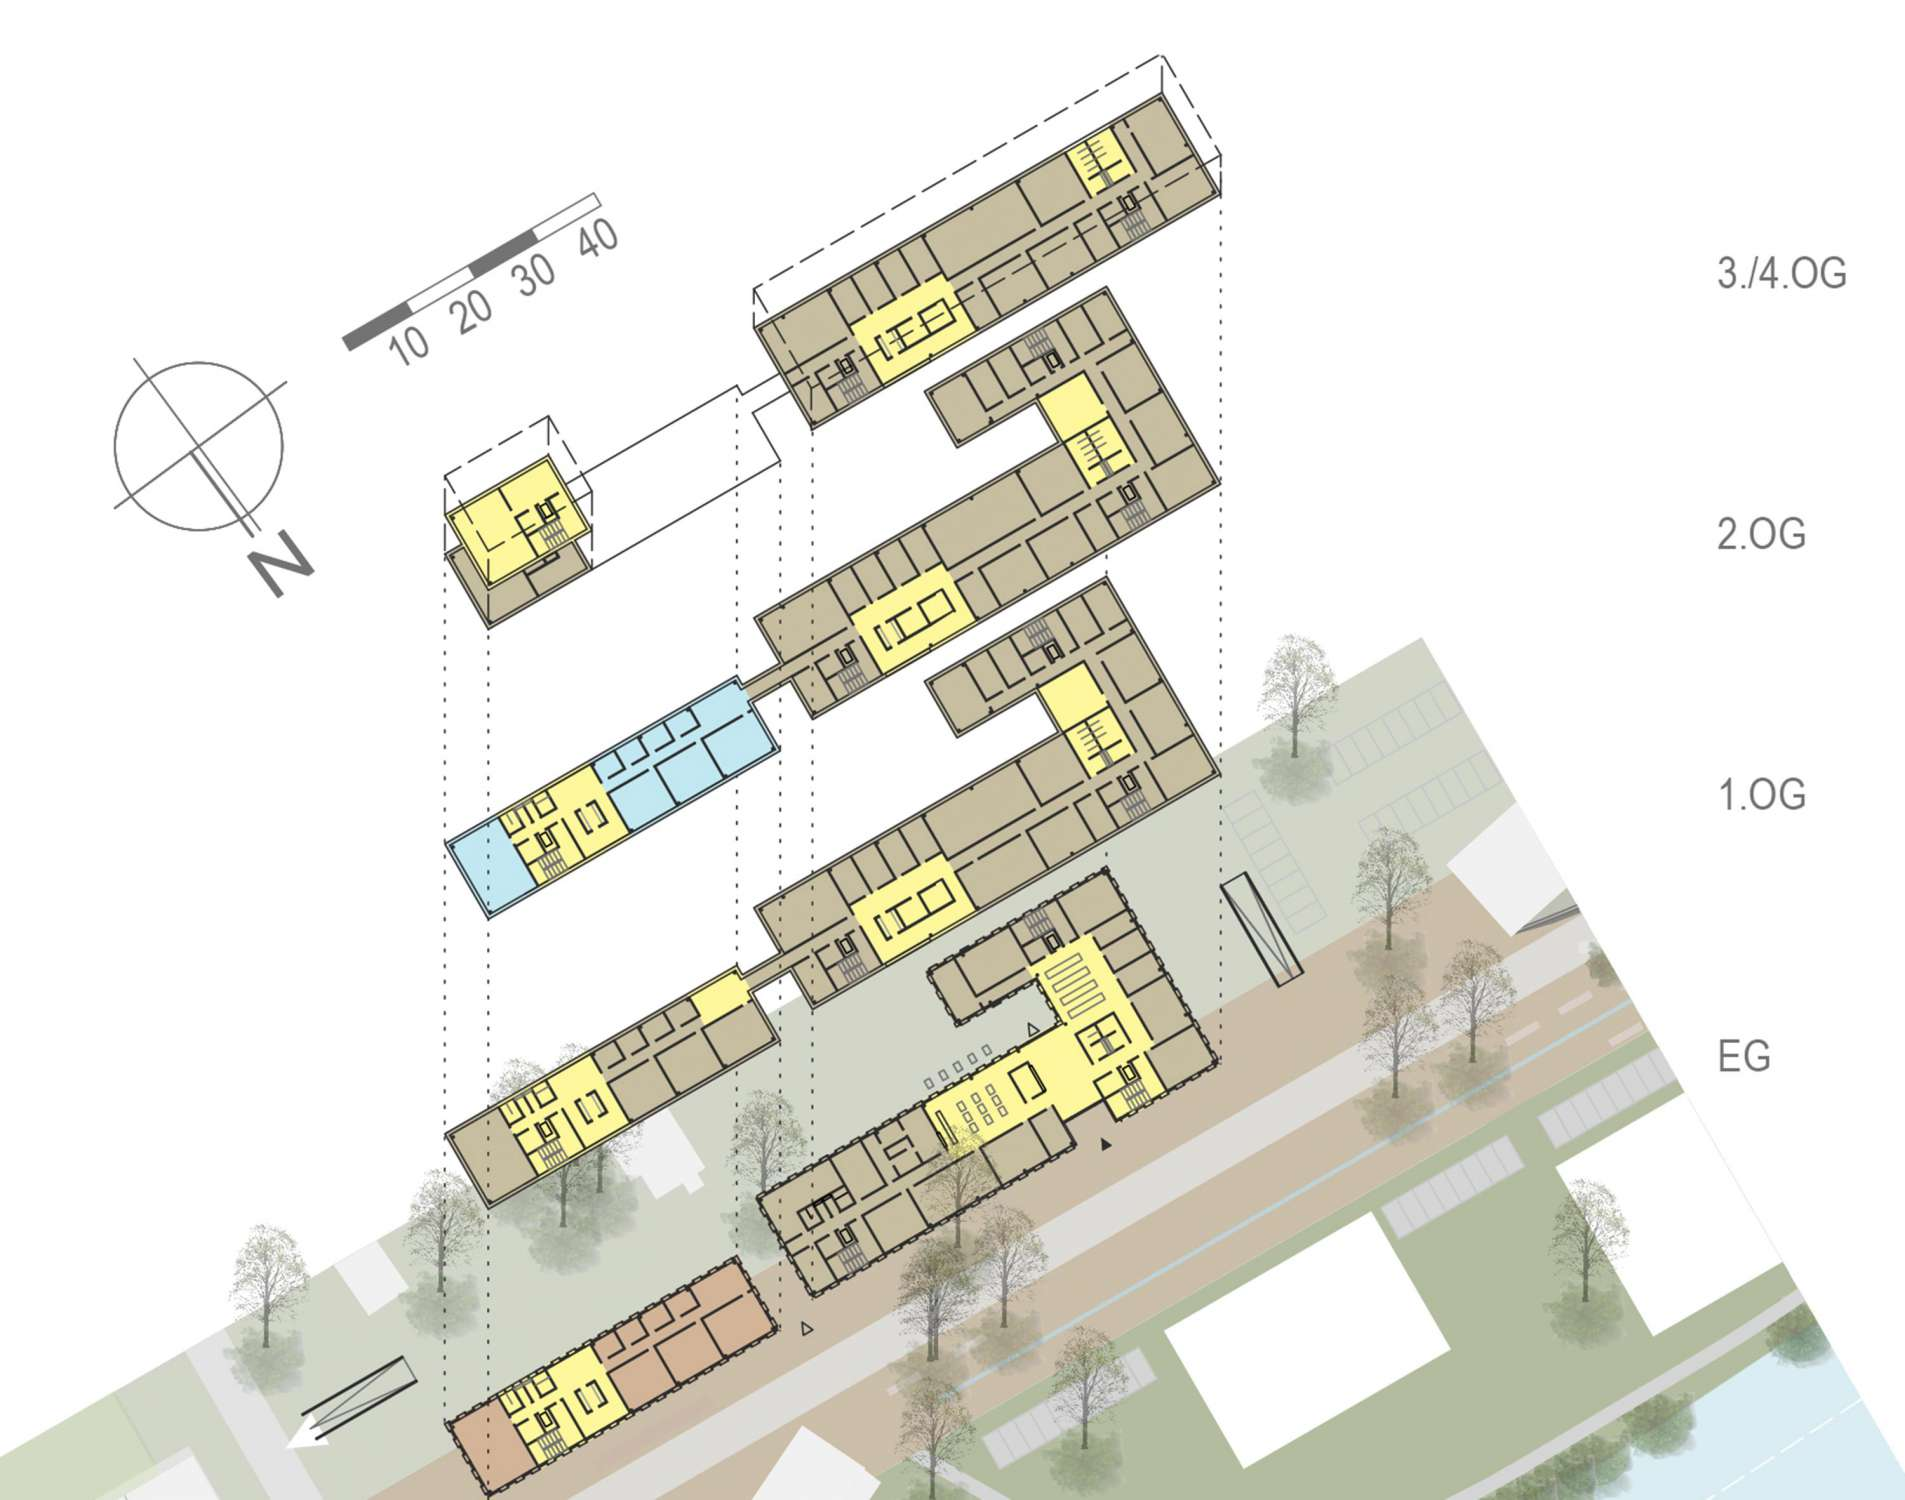 Städtebauliche Entwicklung Campus Reinhold-Würth-Hochschule (5)